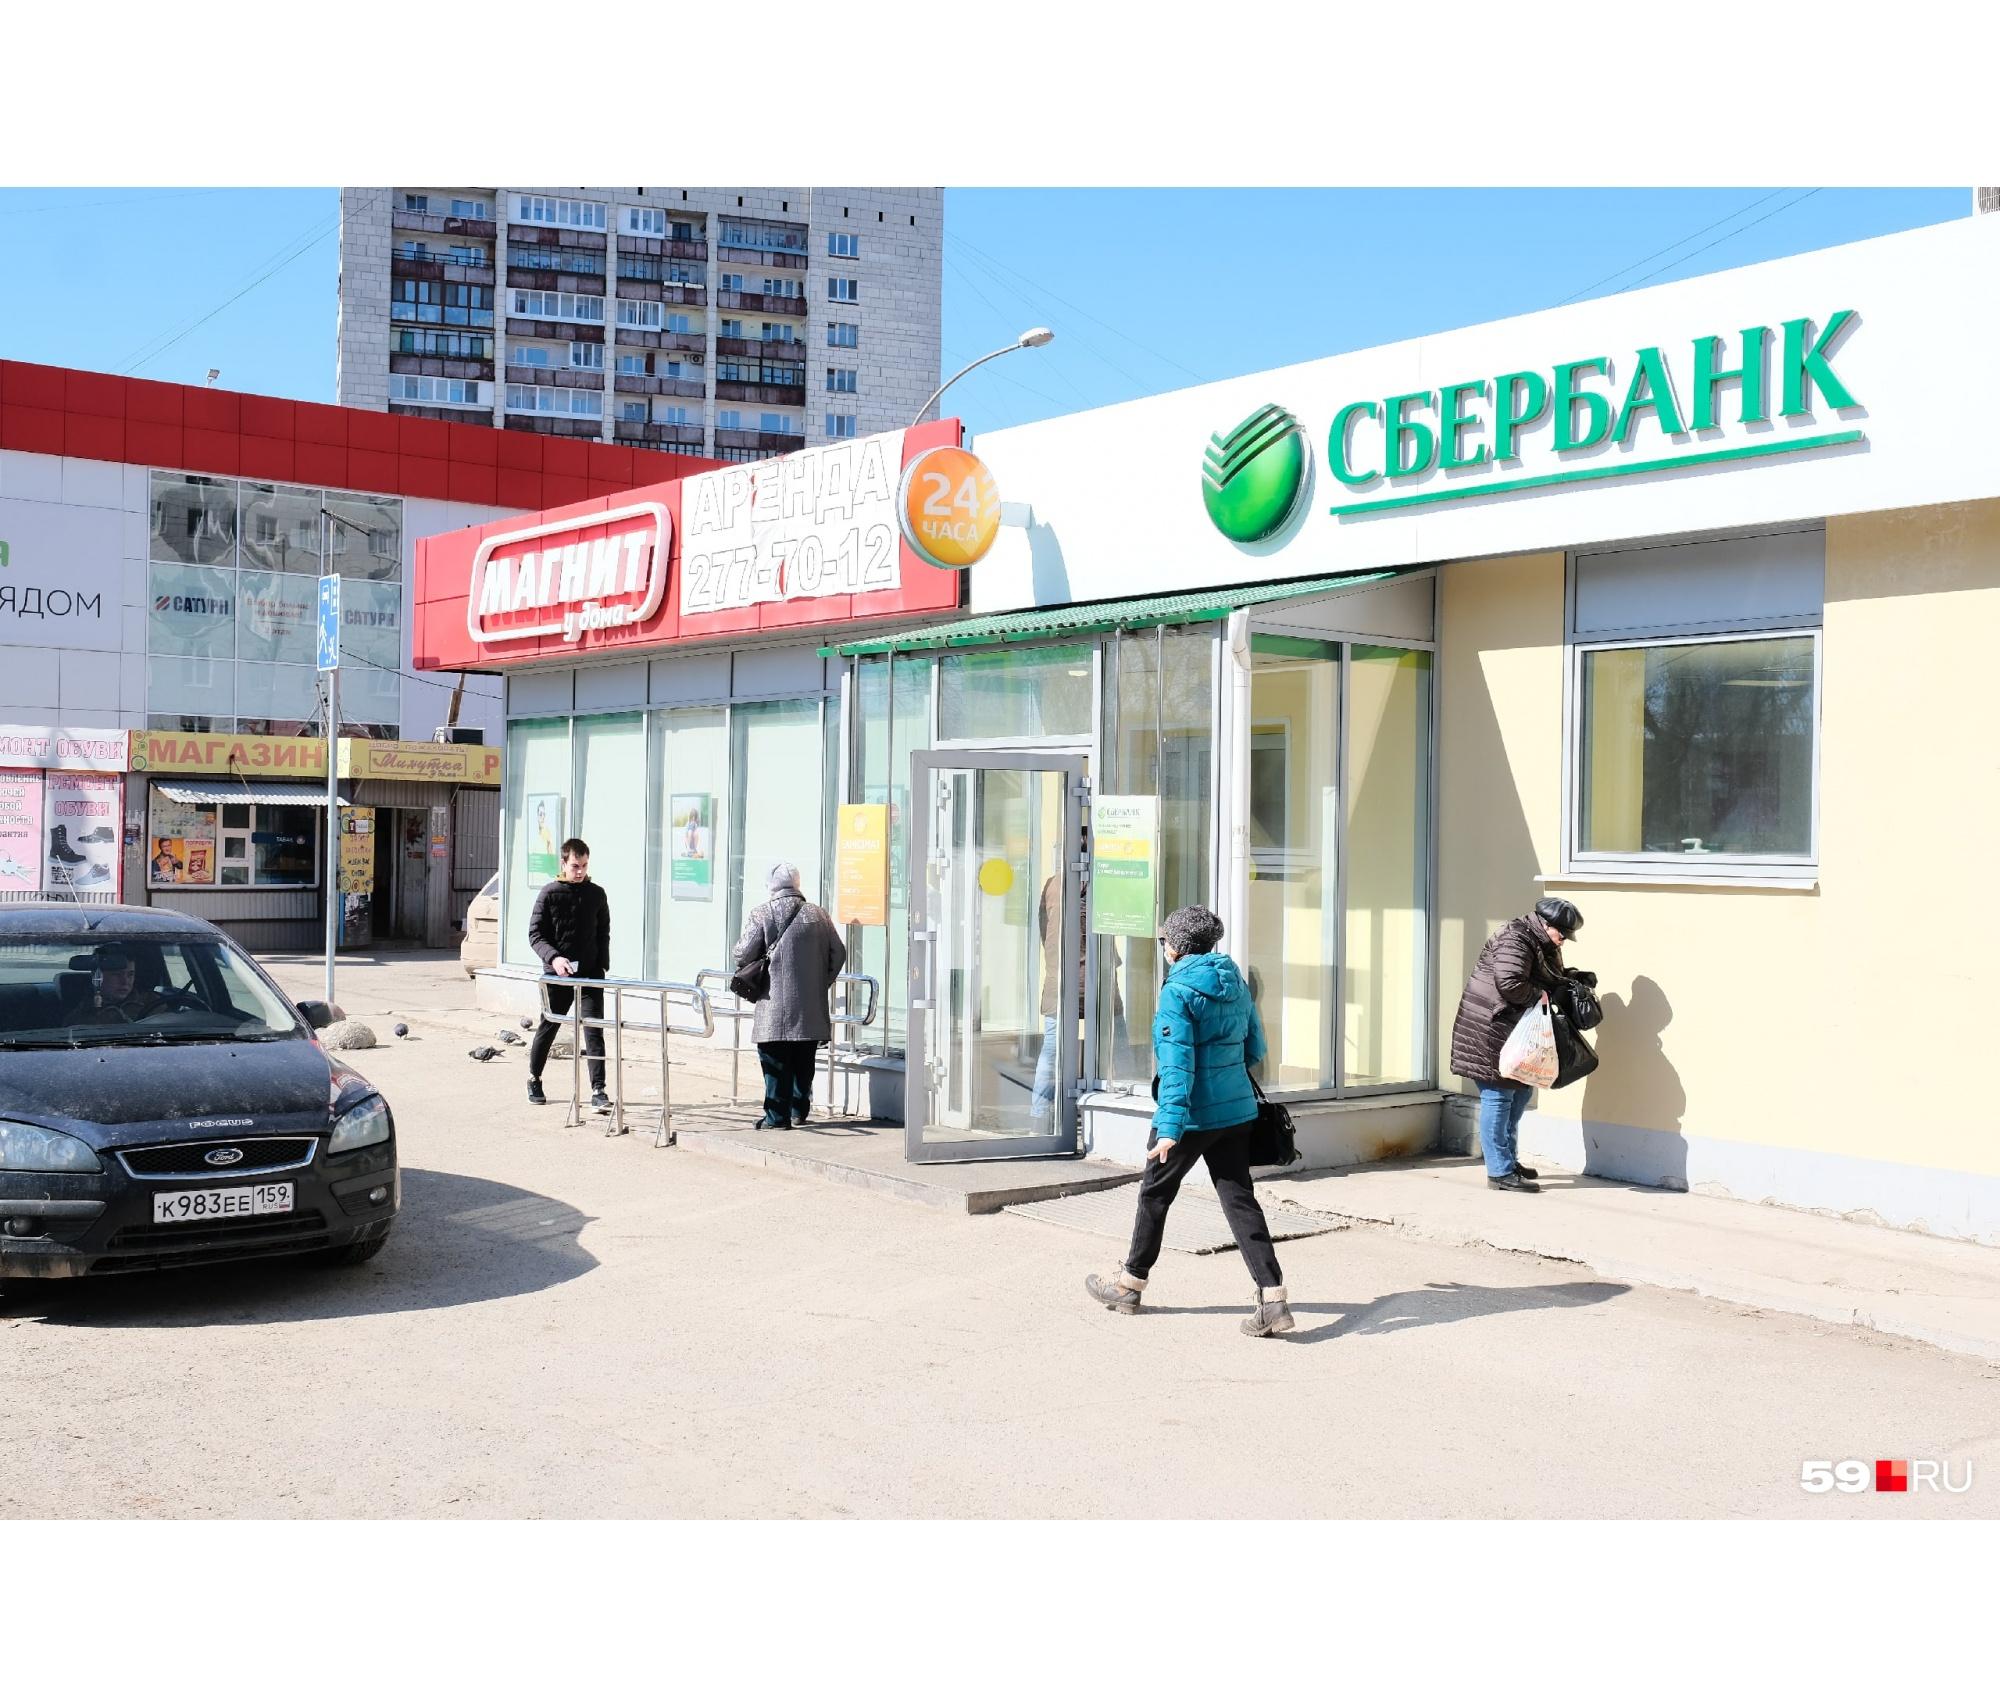 Банк открыт, чтобы вы могли воспользоваться банкоматом